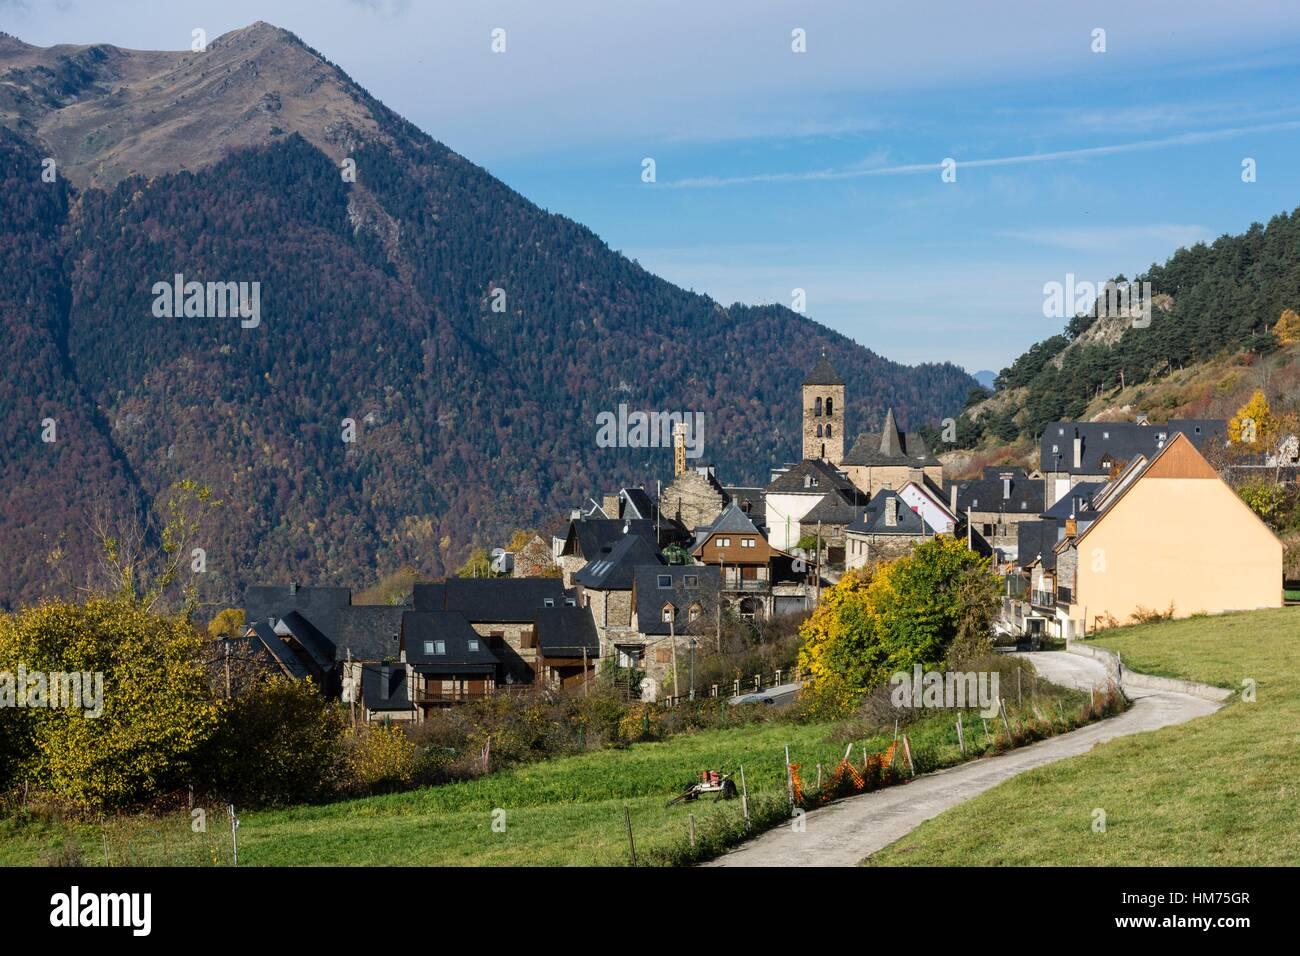 Vilamos valle de aran pirineos catlunya espa a foto - Inmobiliarias valle de aran ...